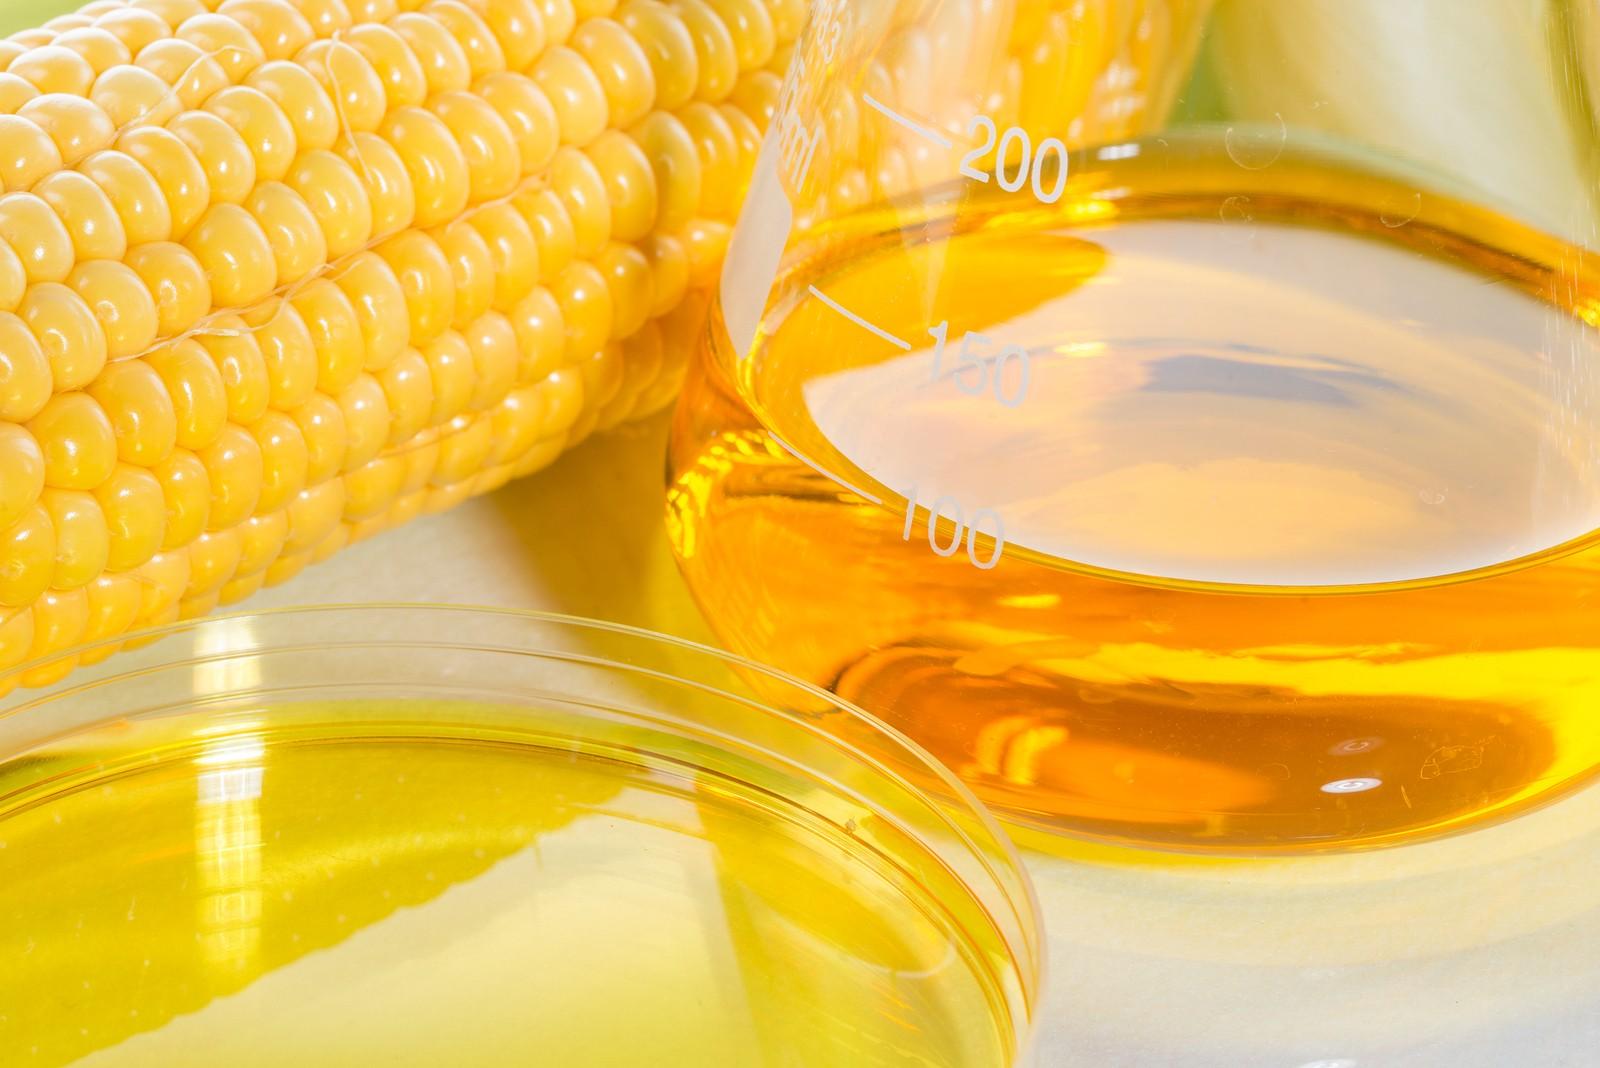 5 вредных свойств для здоровья кукурузного сиропа